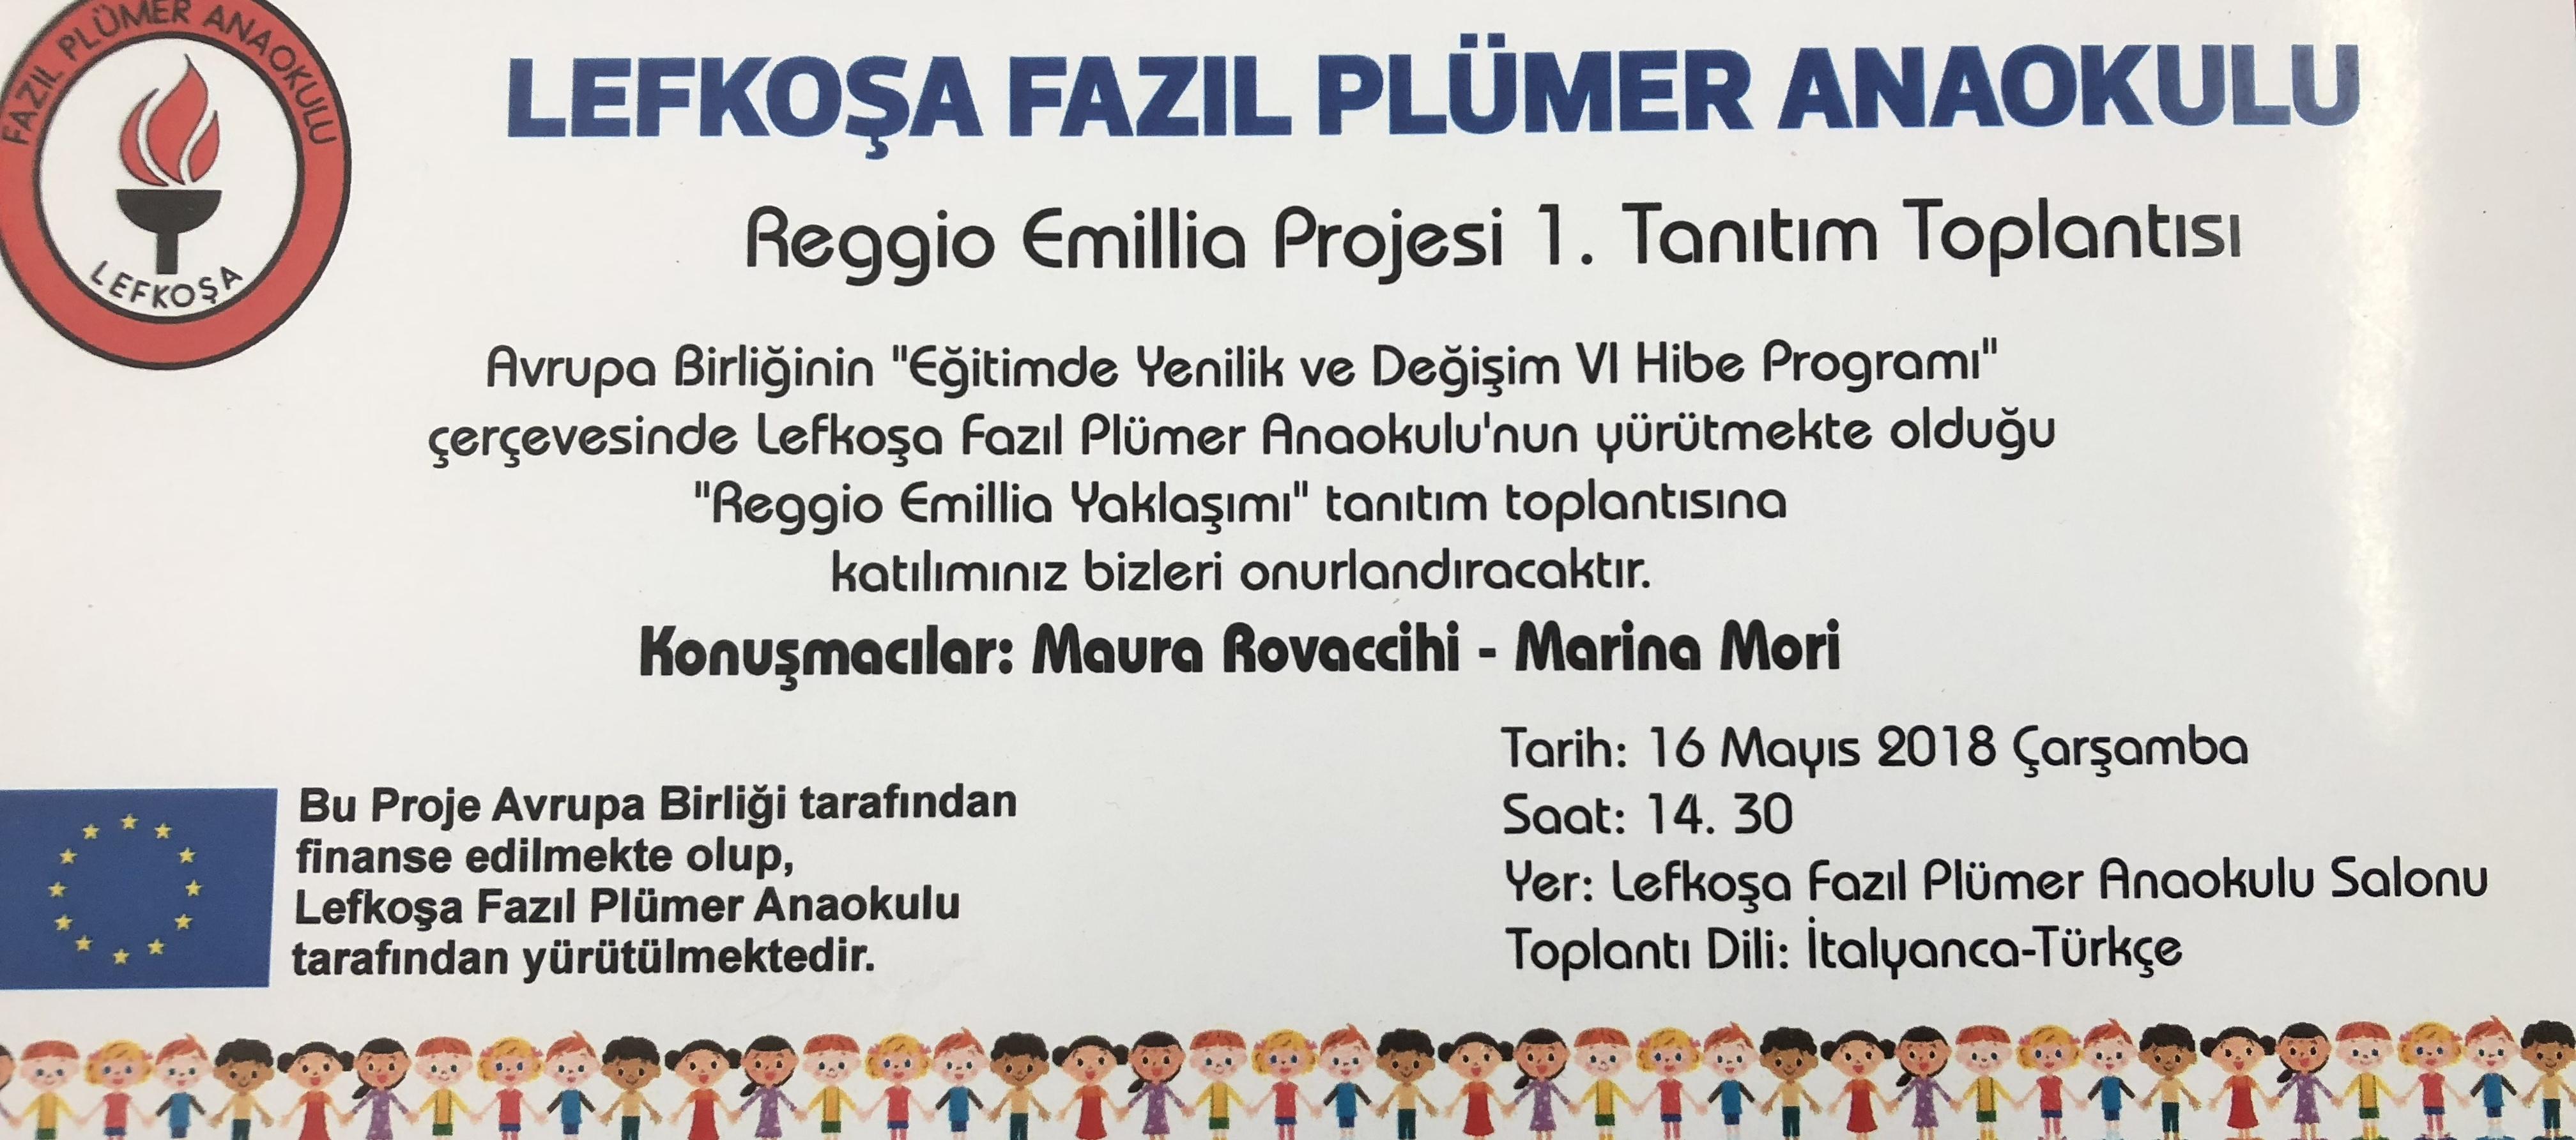 'Reggio Emillia Yaklaşımı' ile ilgili seminer Fazıl Plümer Anaokulu'nda!